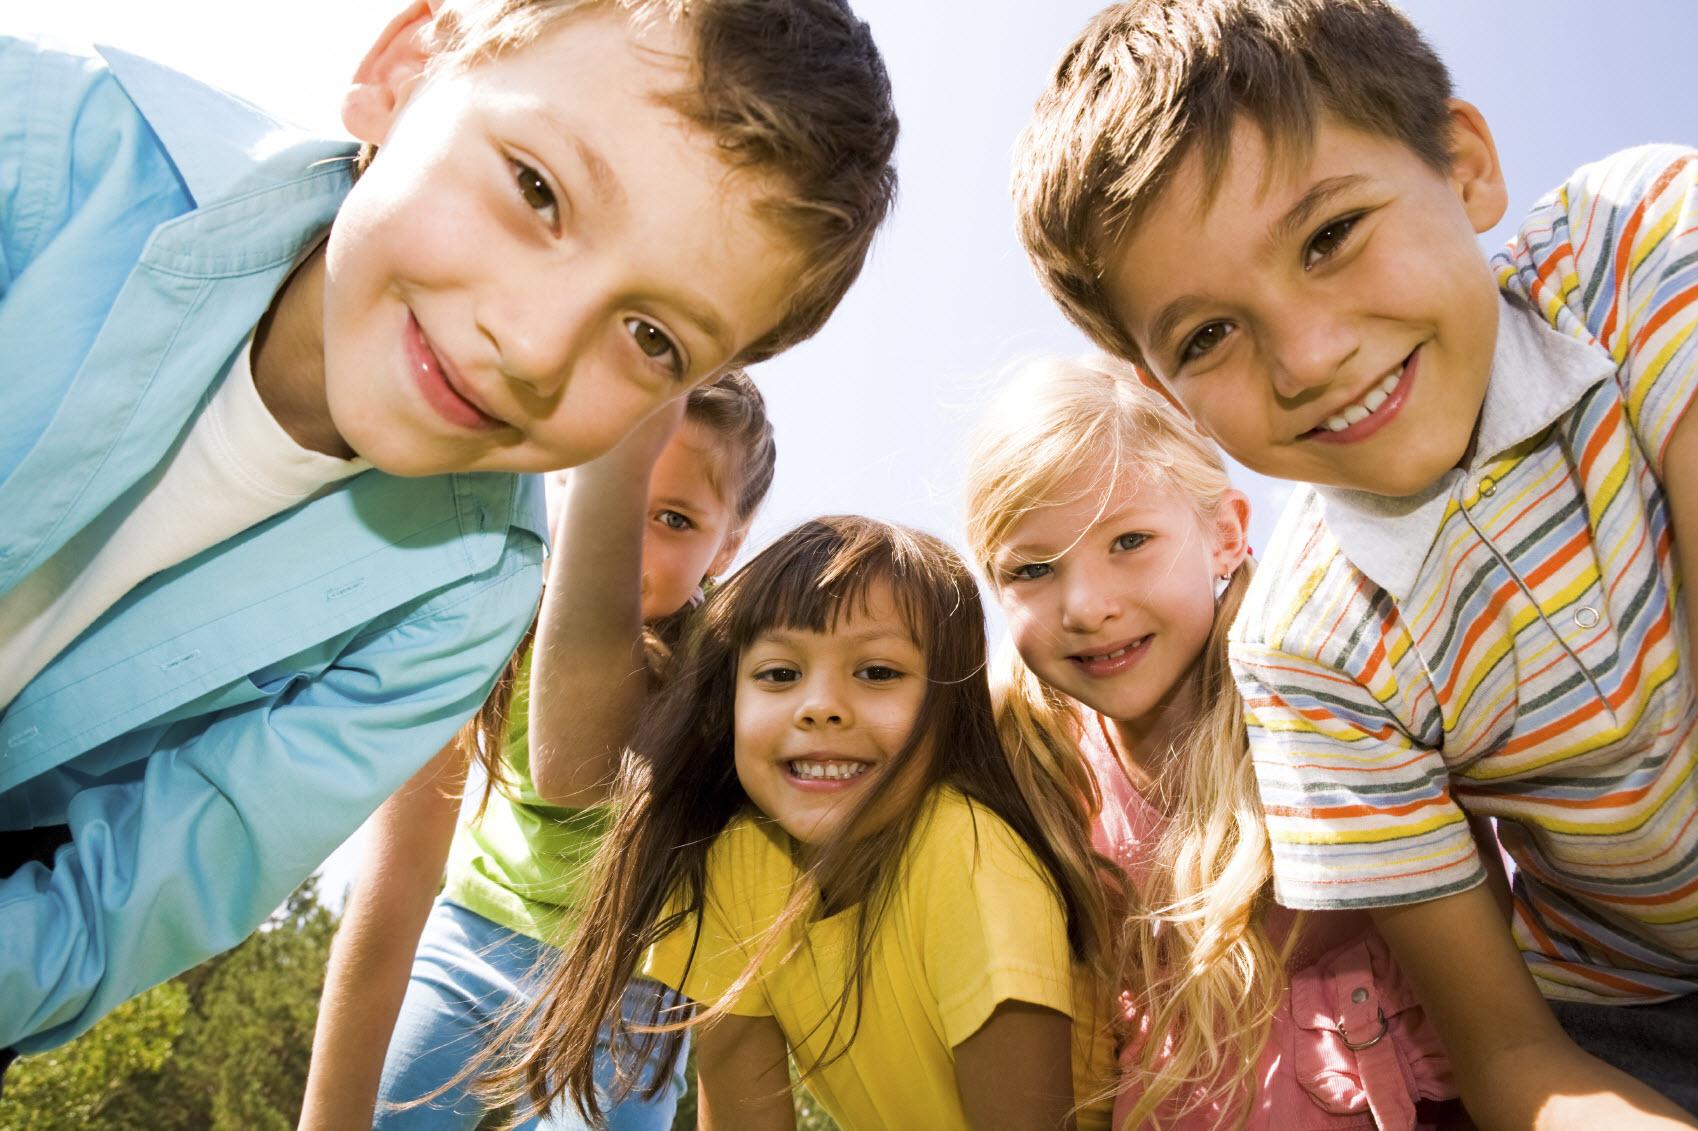 La Importancia De La Educación Emocional En Los Niños Blog De Mindic